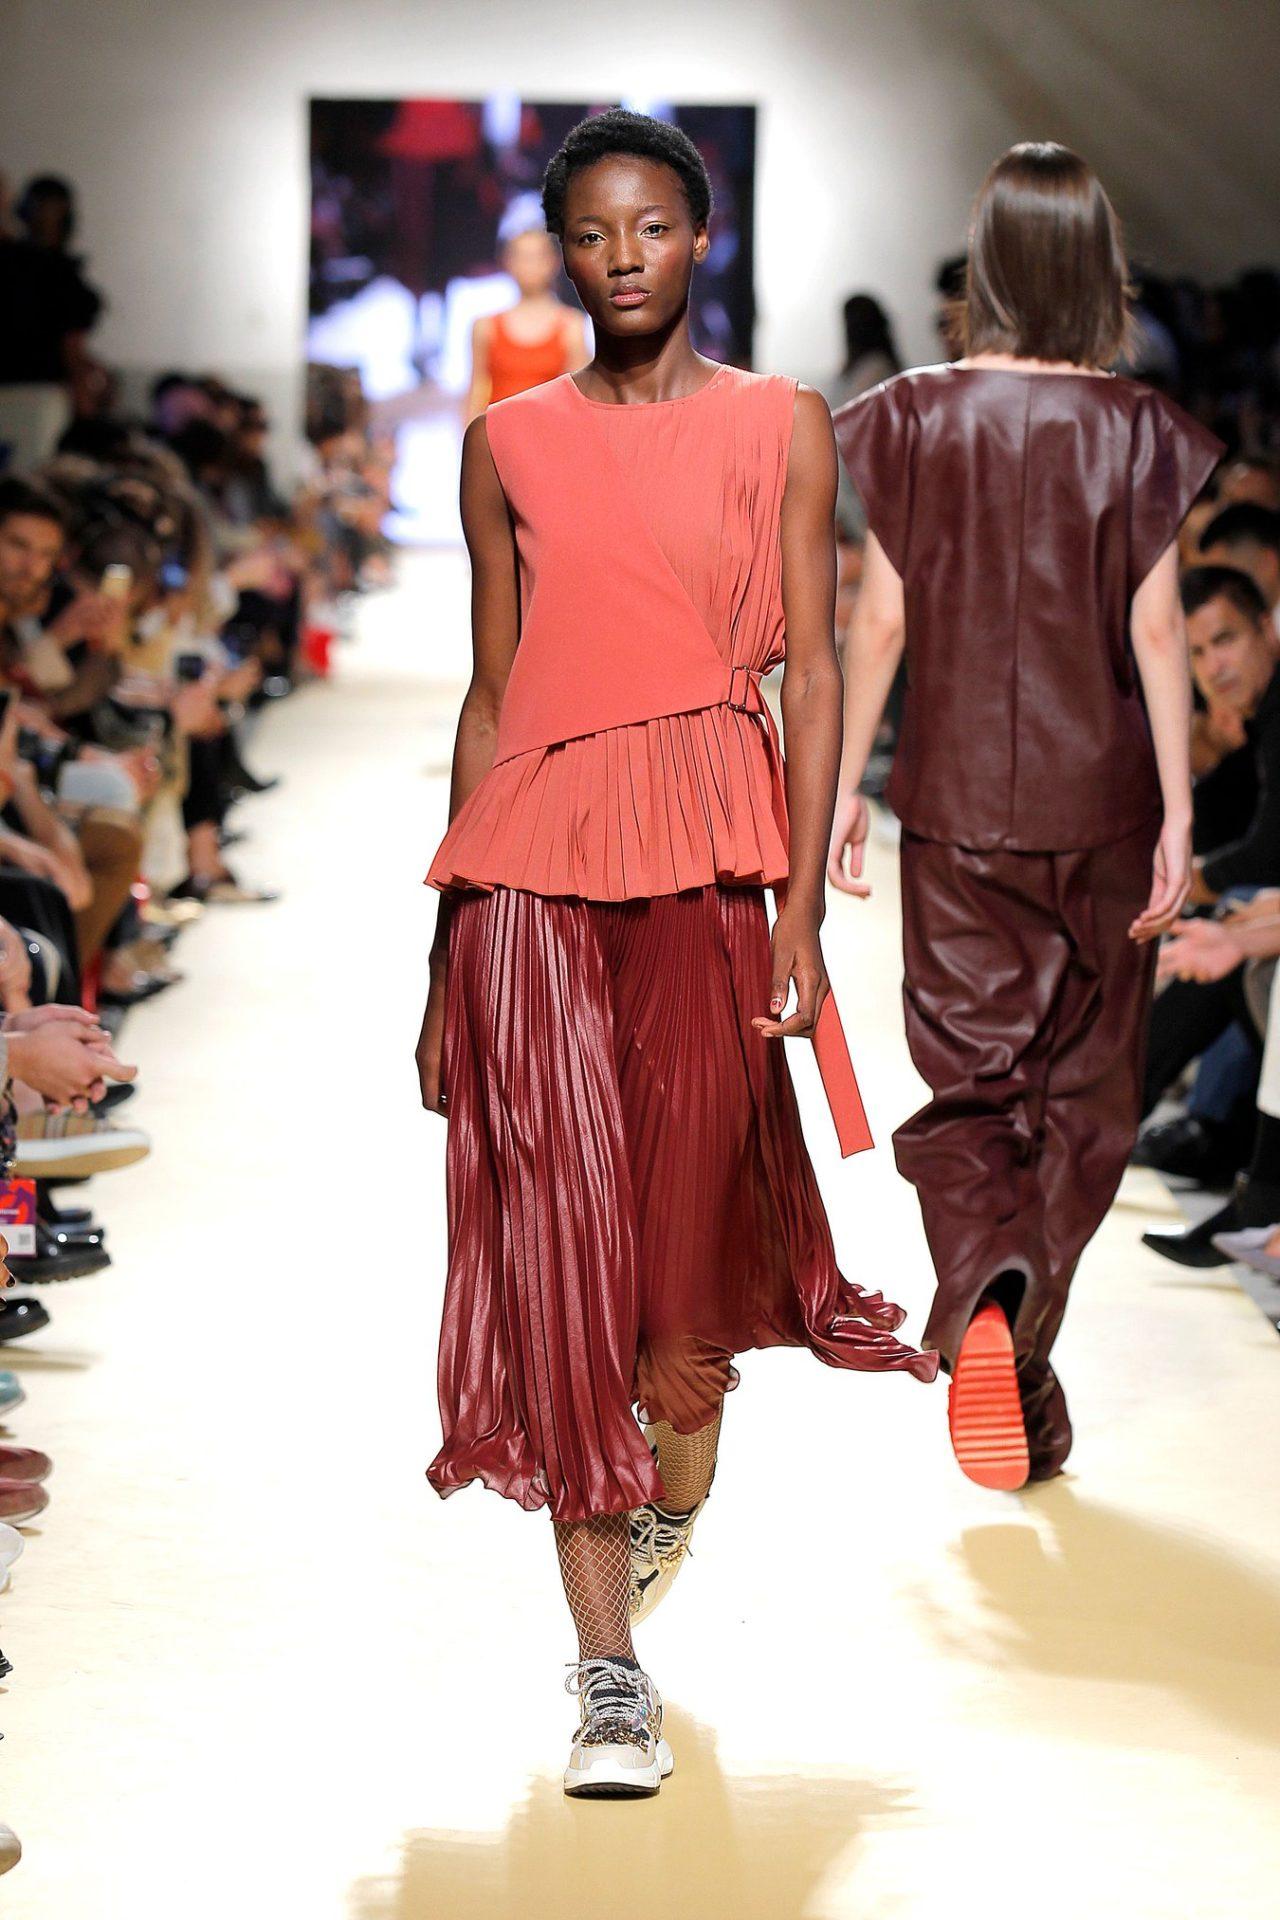 Ricardo Preto Moda Lisboa